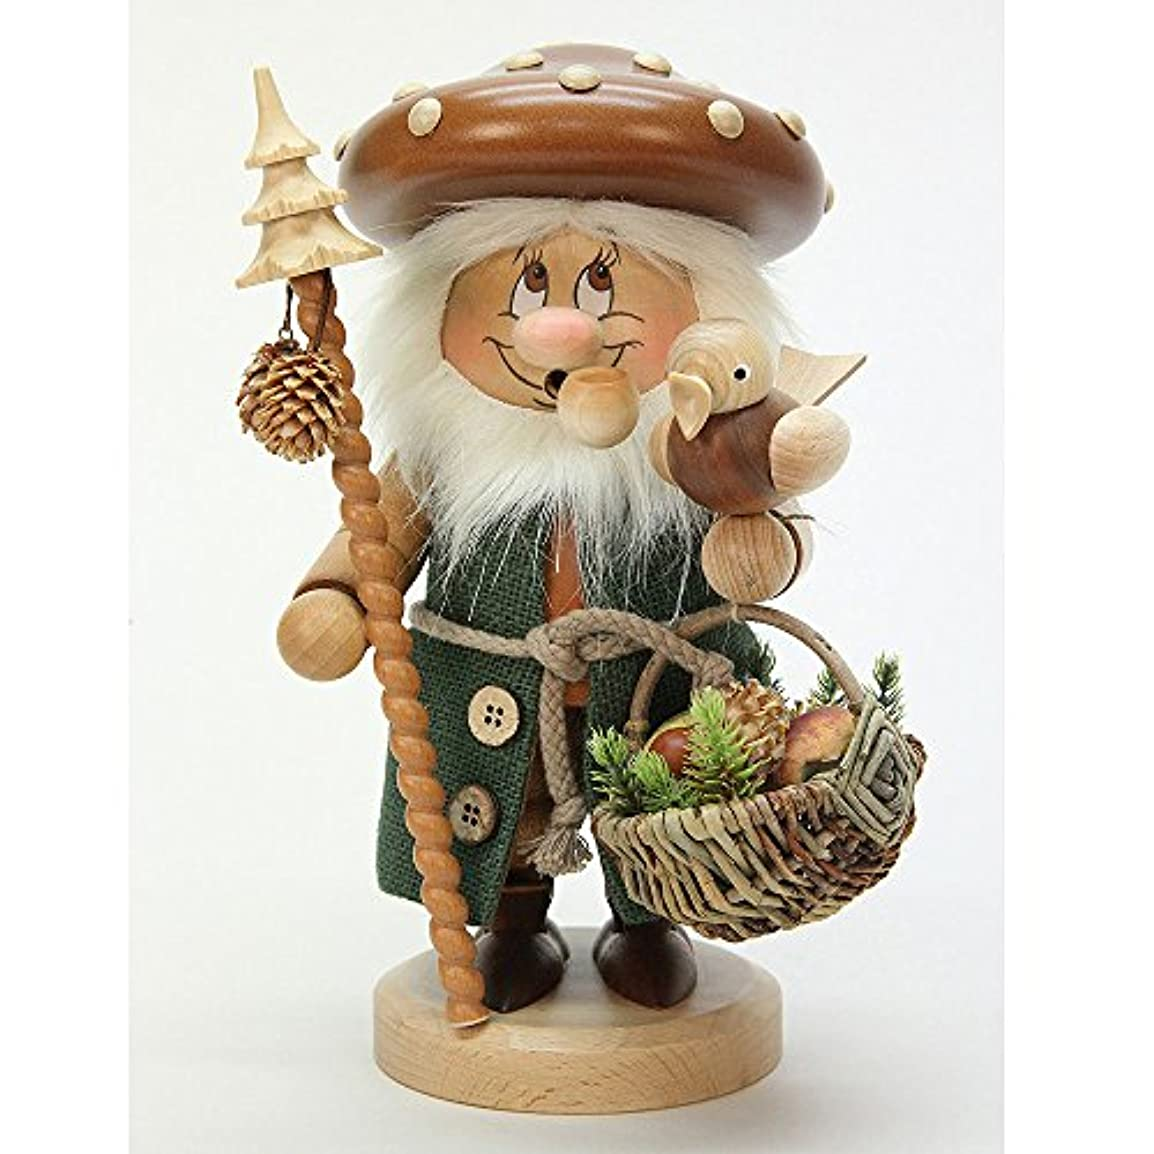 可決フルーツ米ドルドイツ語喫煙者Incense GnomeマッシュルームMan – 27 cm / 11インチ – Christian Ulbricht